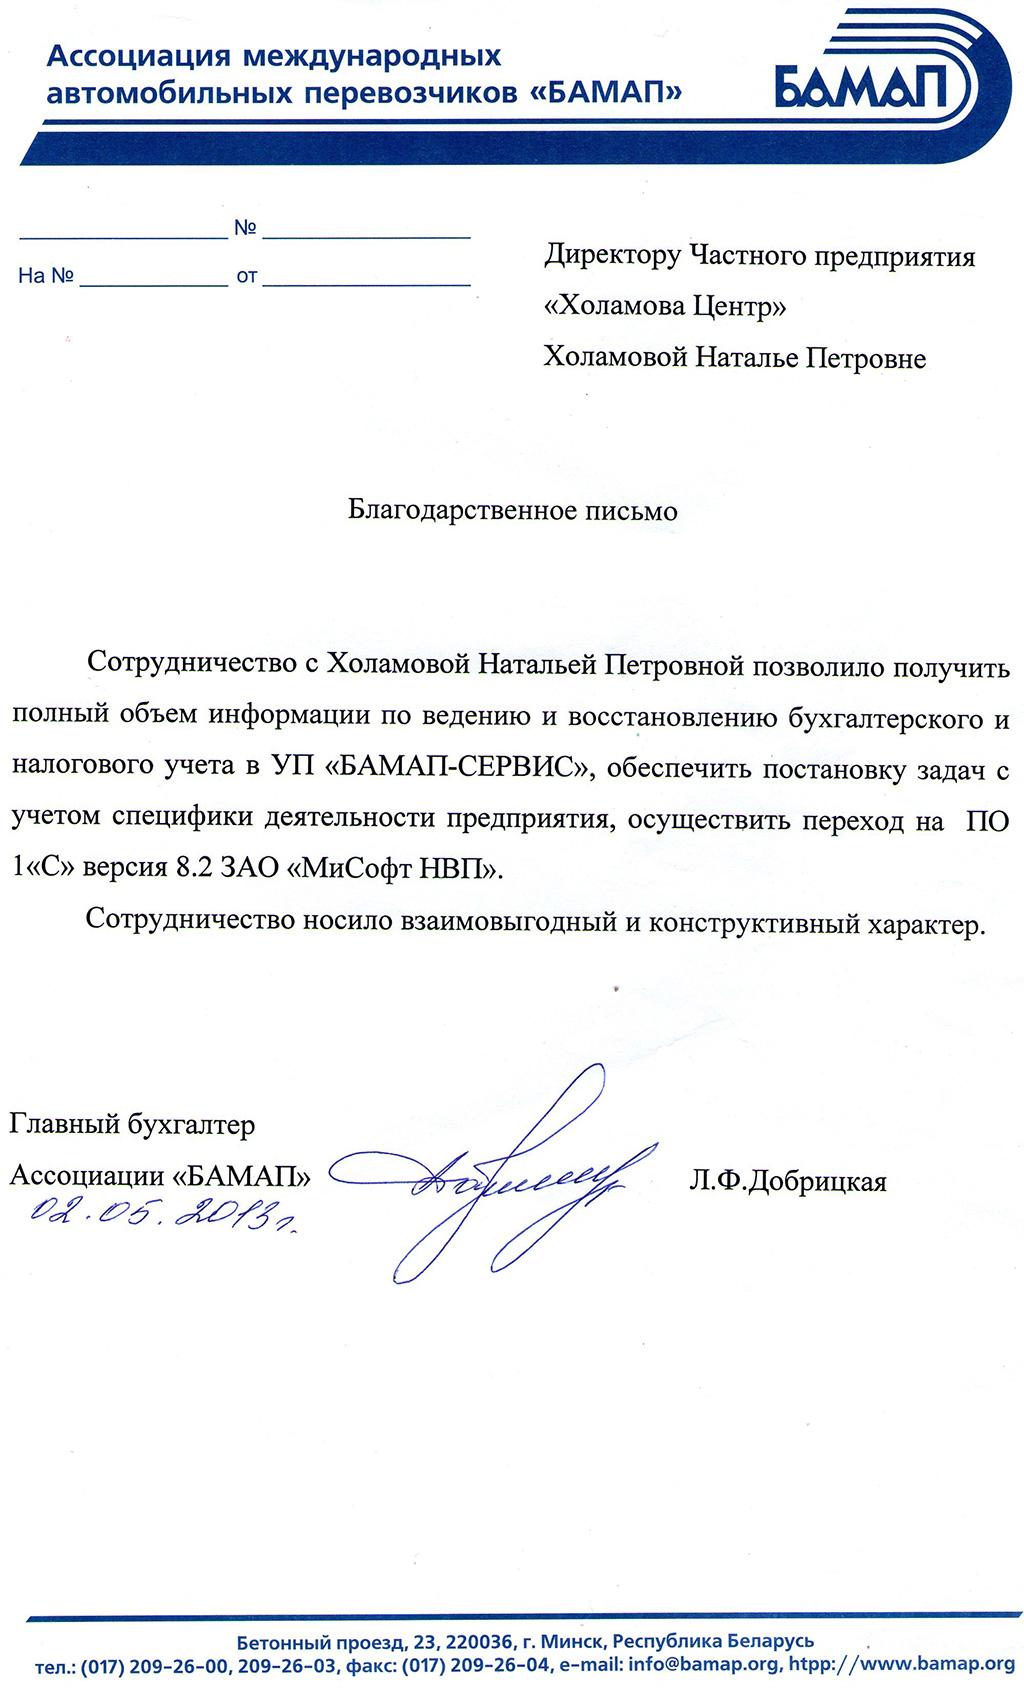 Центр бухгалтерского сопровождения минск отзывы документы для регистрации ооо 2019 год